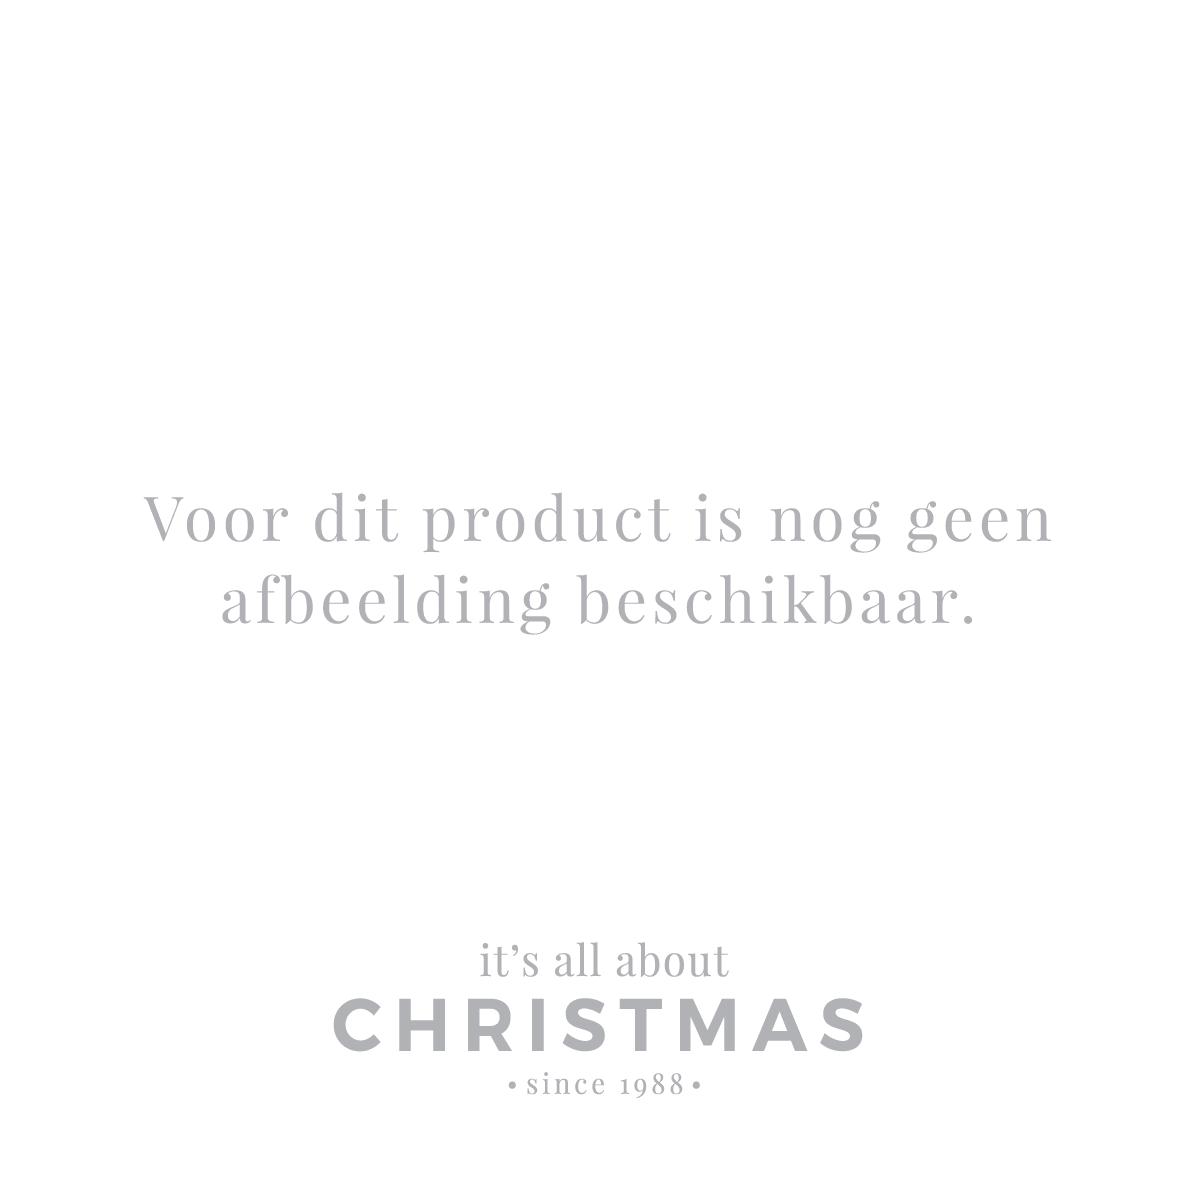 44 Weihnachtskugeln schwarz, Glas, 6-10 cm